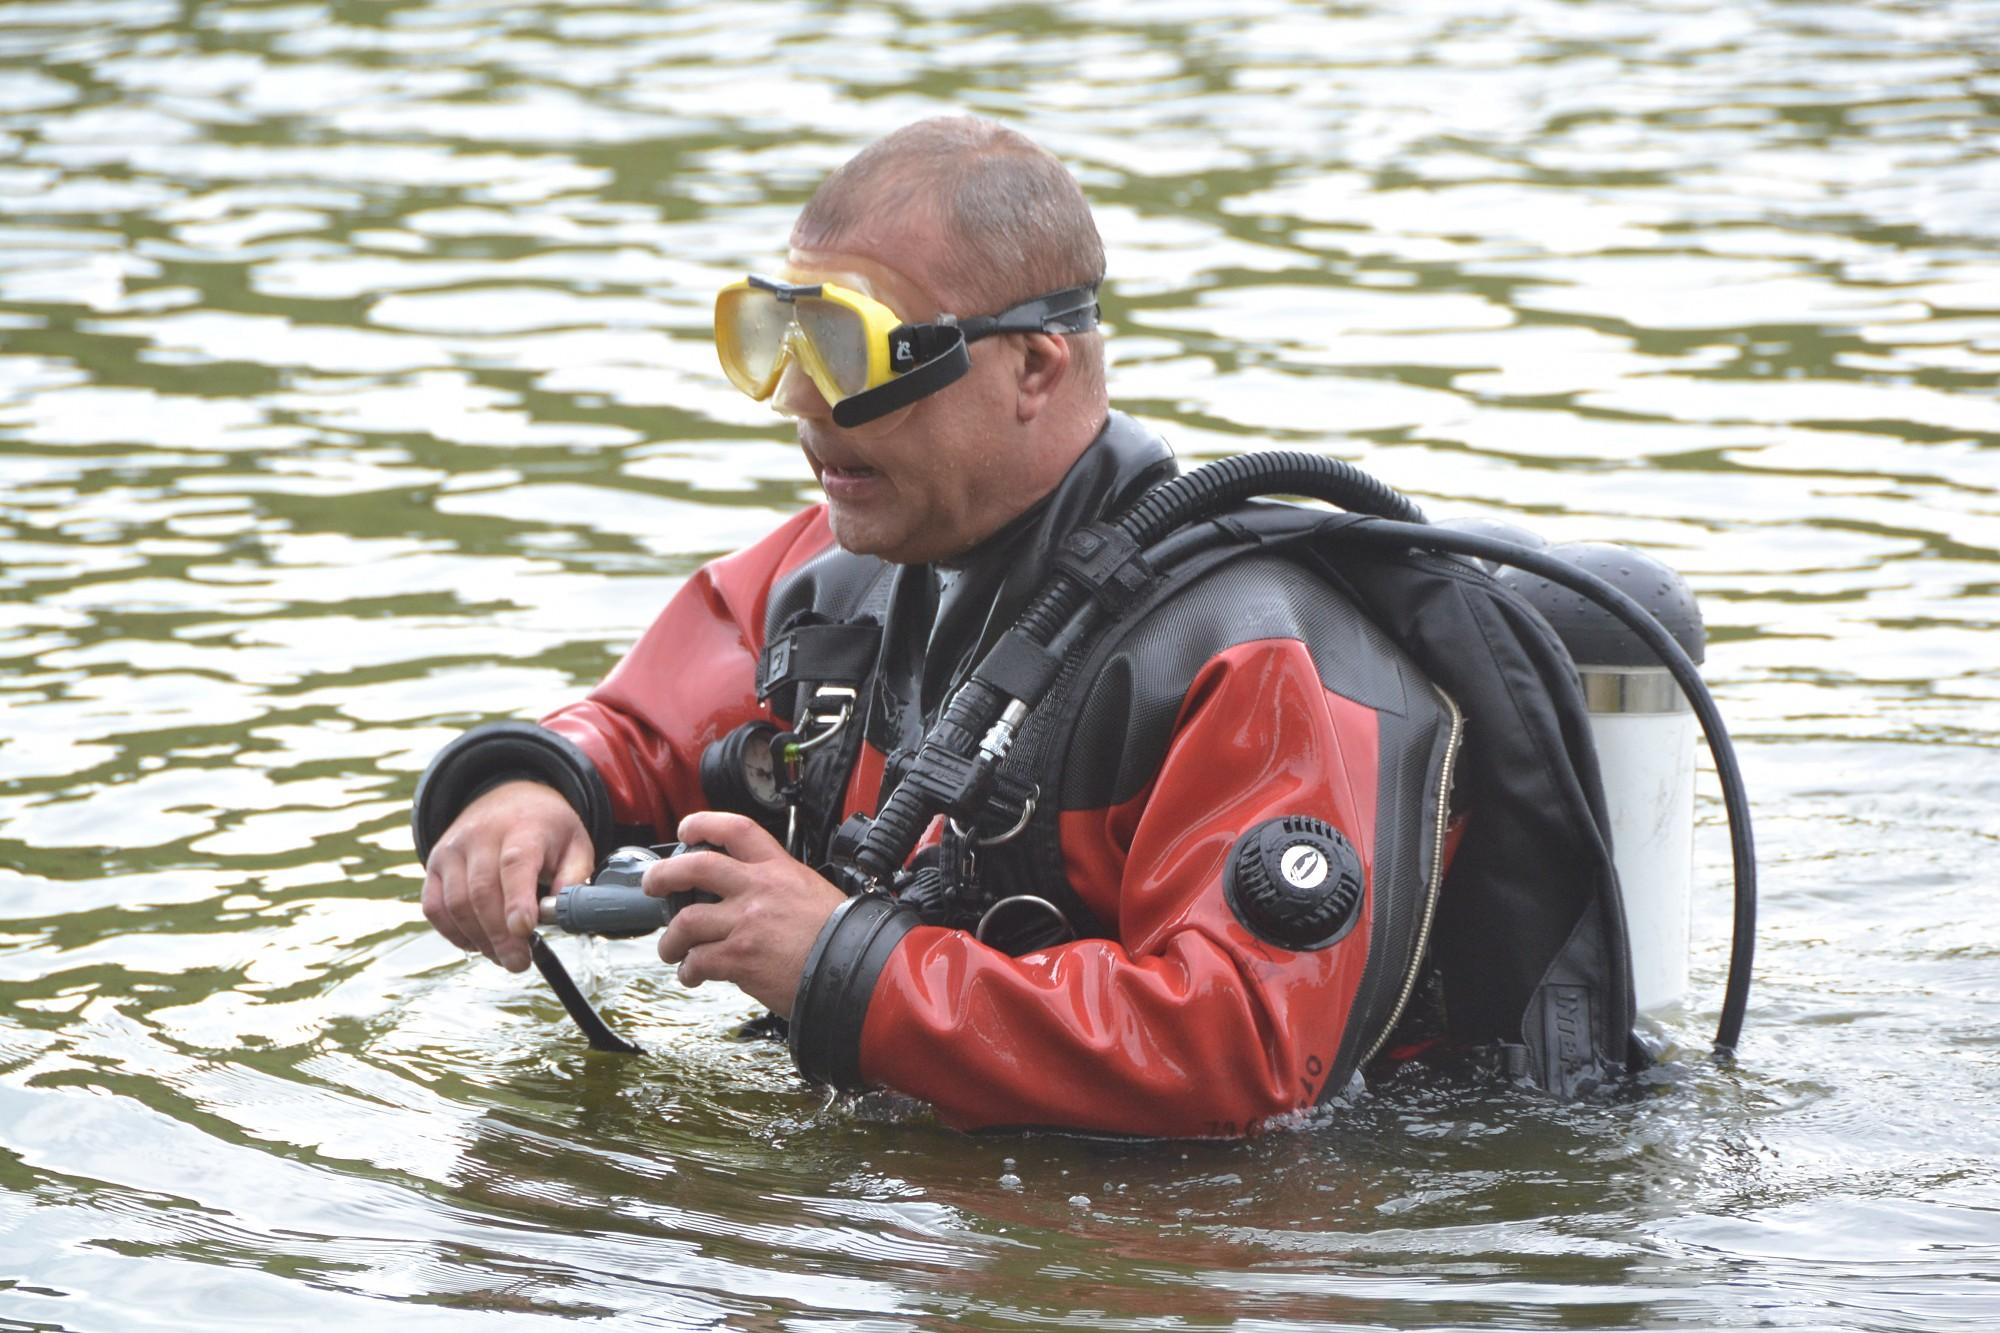 VUGD amatpersonas apmeklēs mācības glābējiem un ūdenslīdējiem Klaipēdā